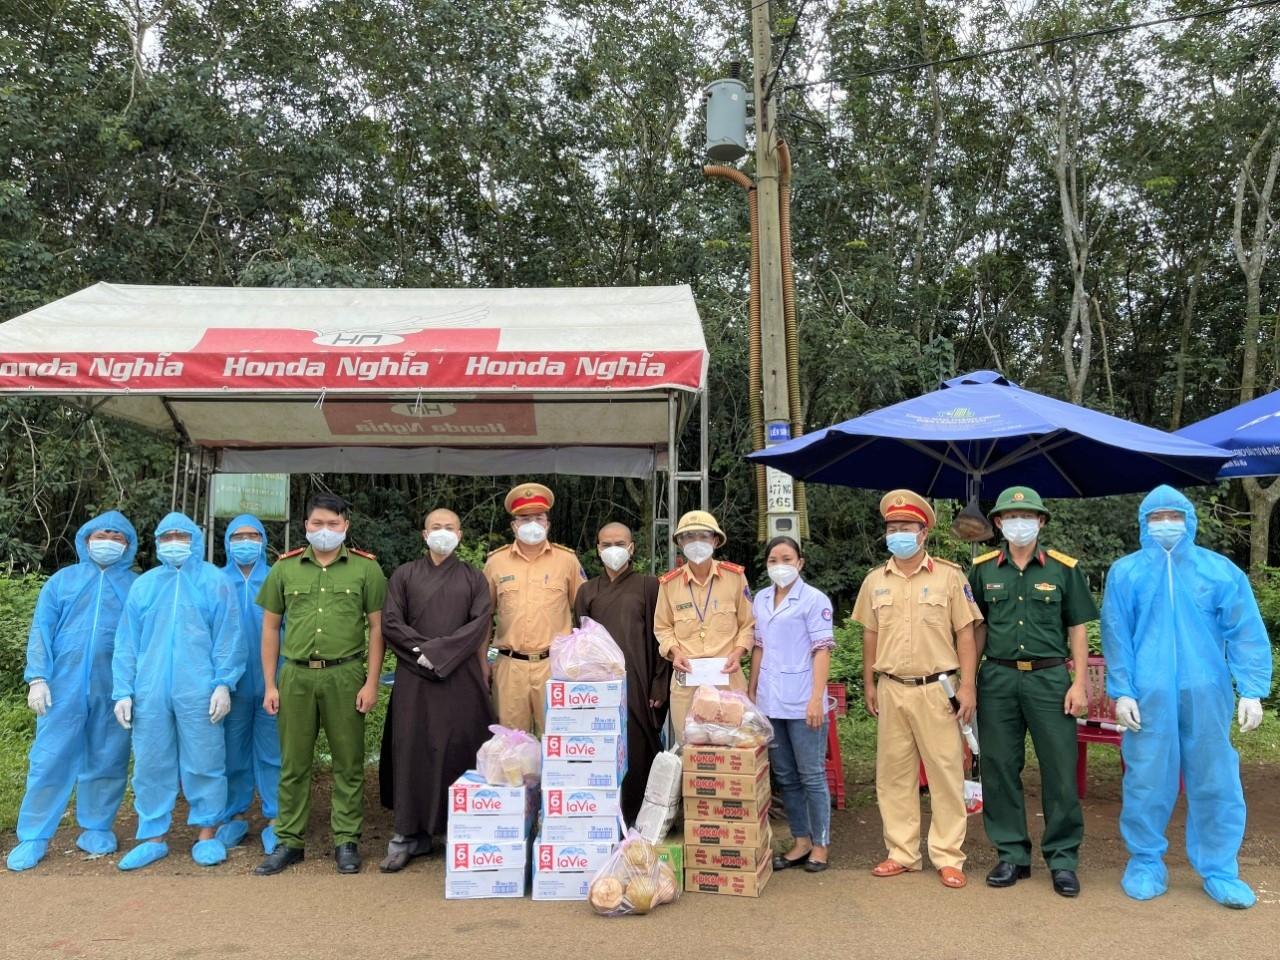 Đoàn từ thiện của Chùa Linh Sơn Cổ Tự tặng quà cho công an, bộ đội tại chốt trực trên địa bàn thị xã Phú Mỹ, tỉnh Bà Rịa- Vũng Tàu.